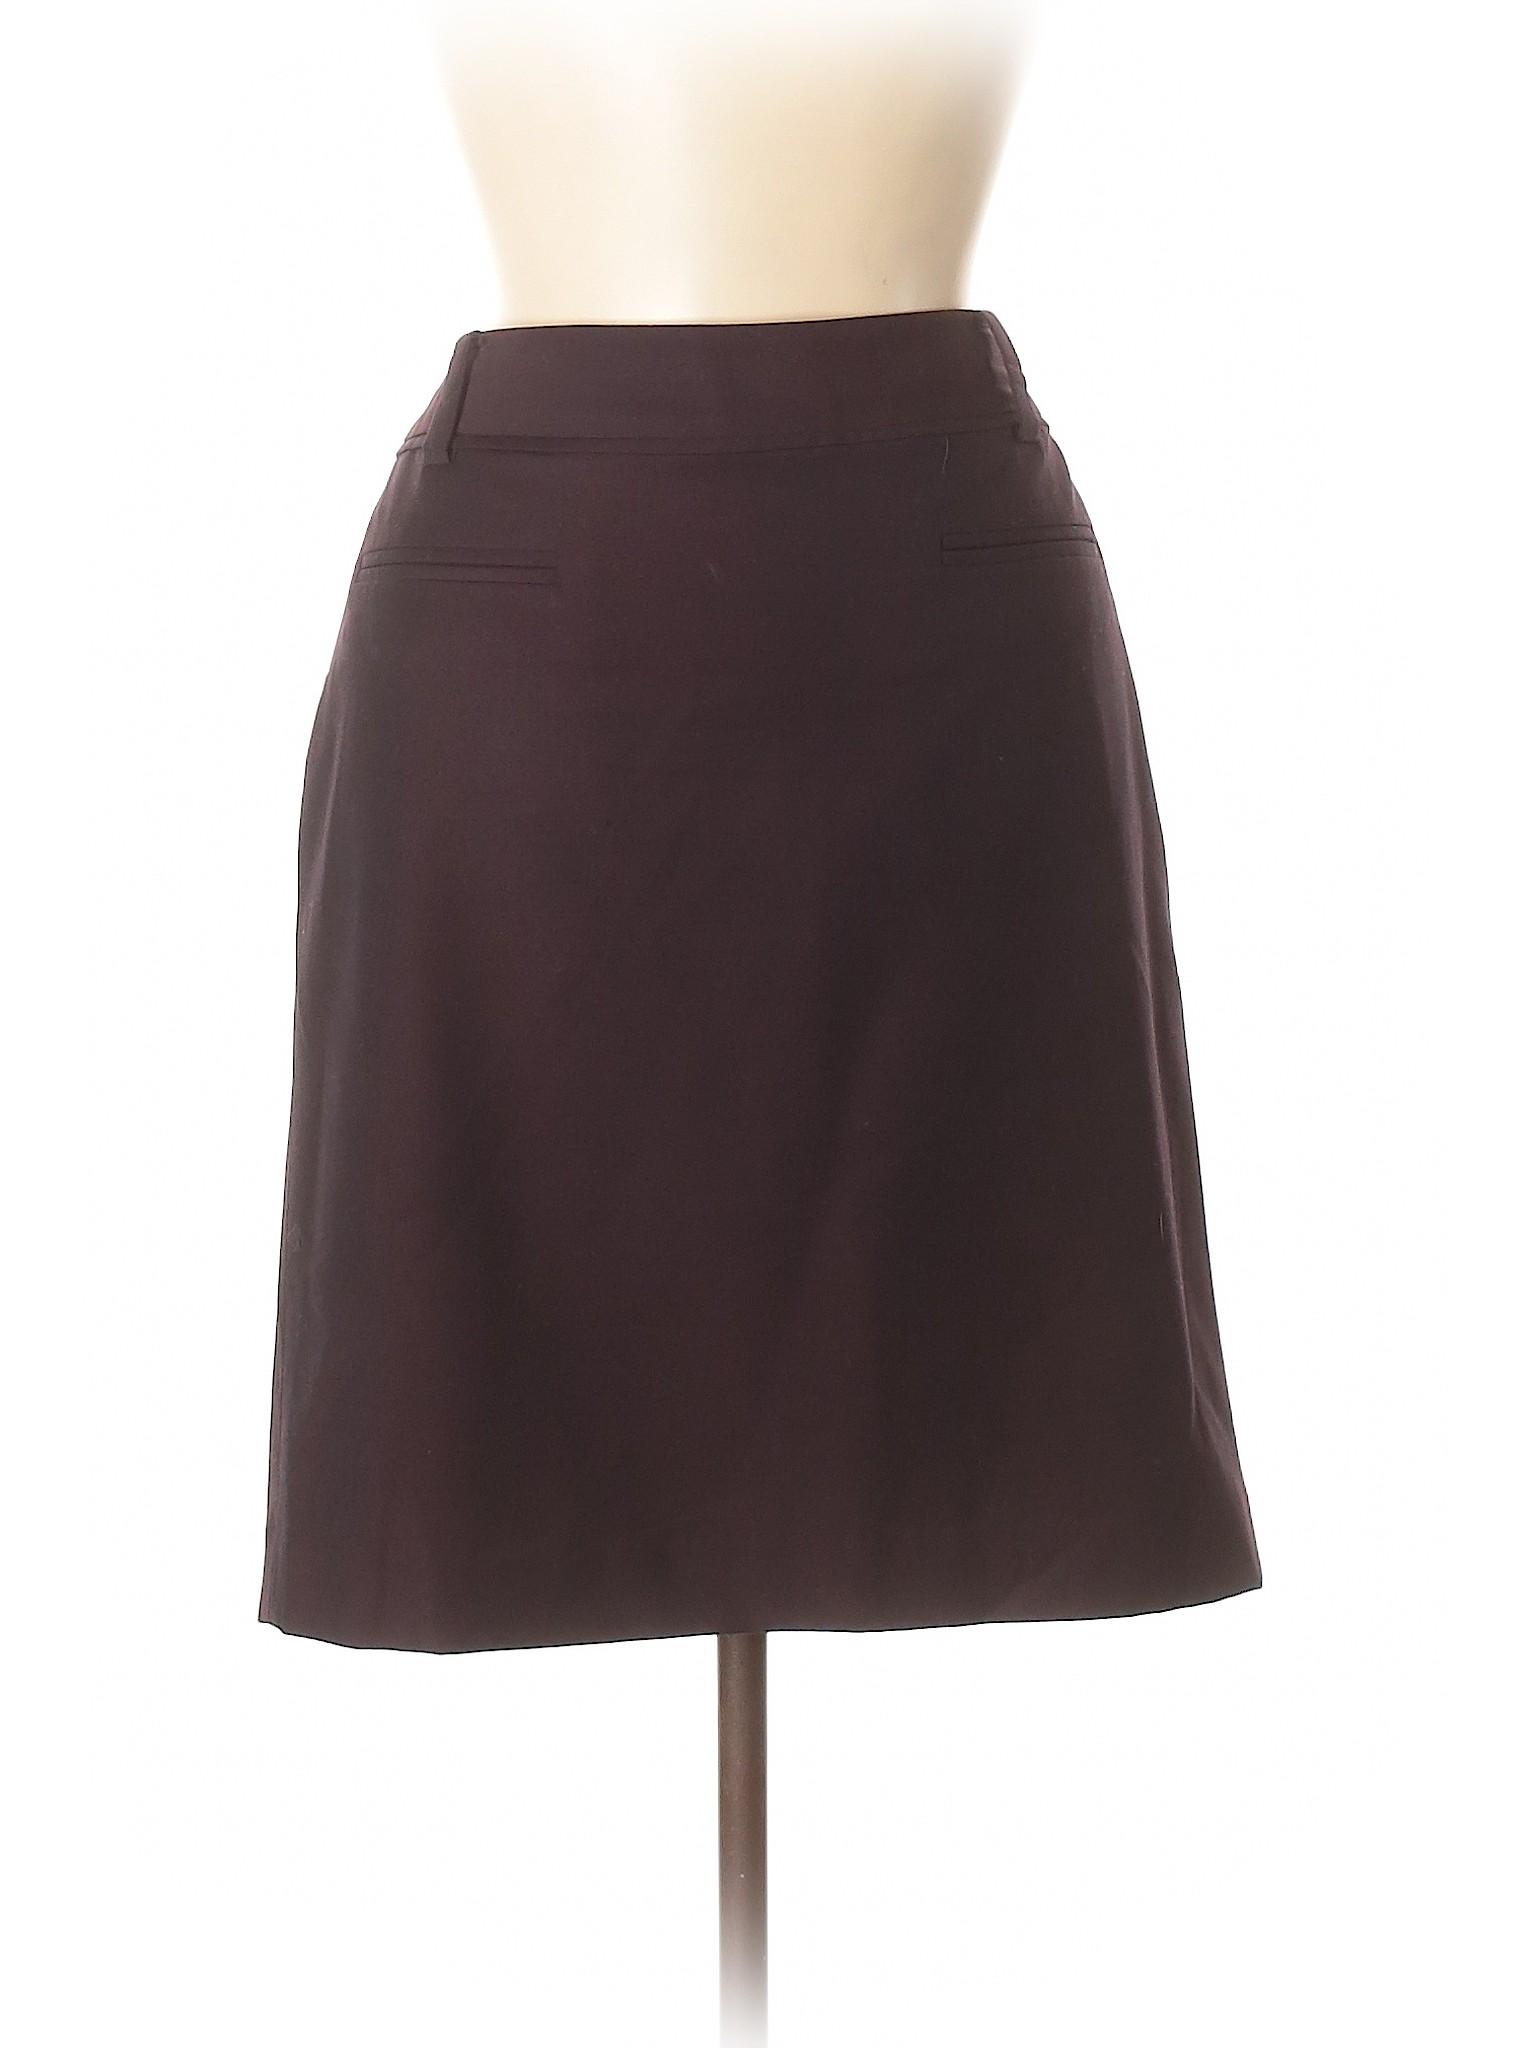 Taylor leisure Ann Casual Boutique Skirt LOFT EFBTRnR1q